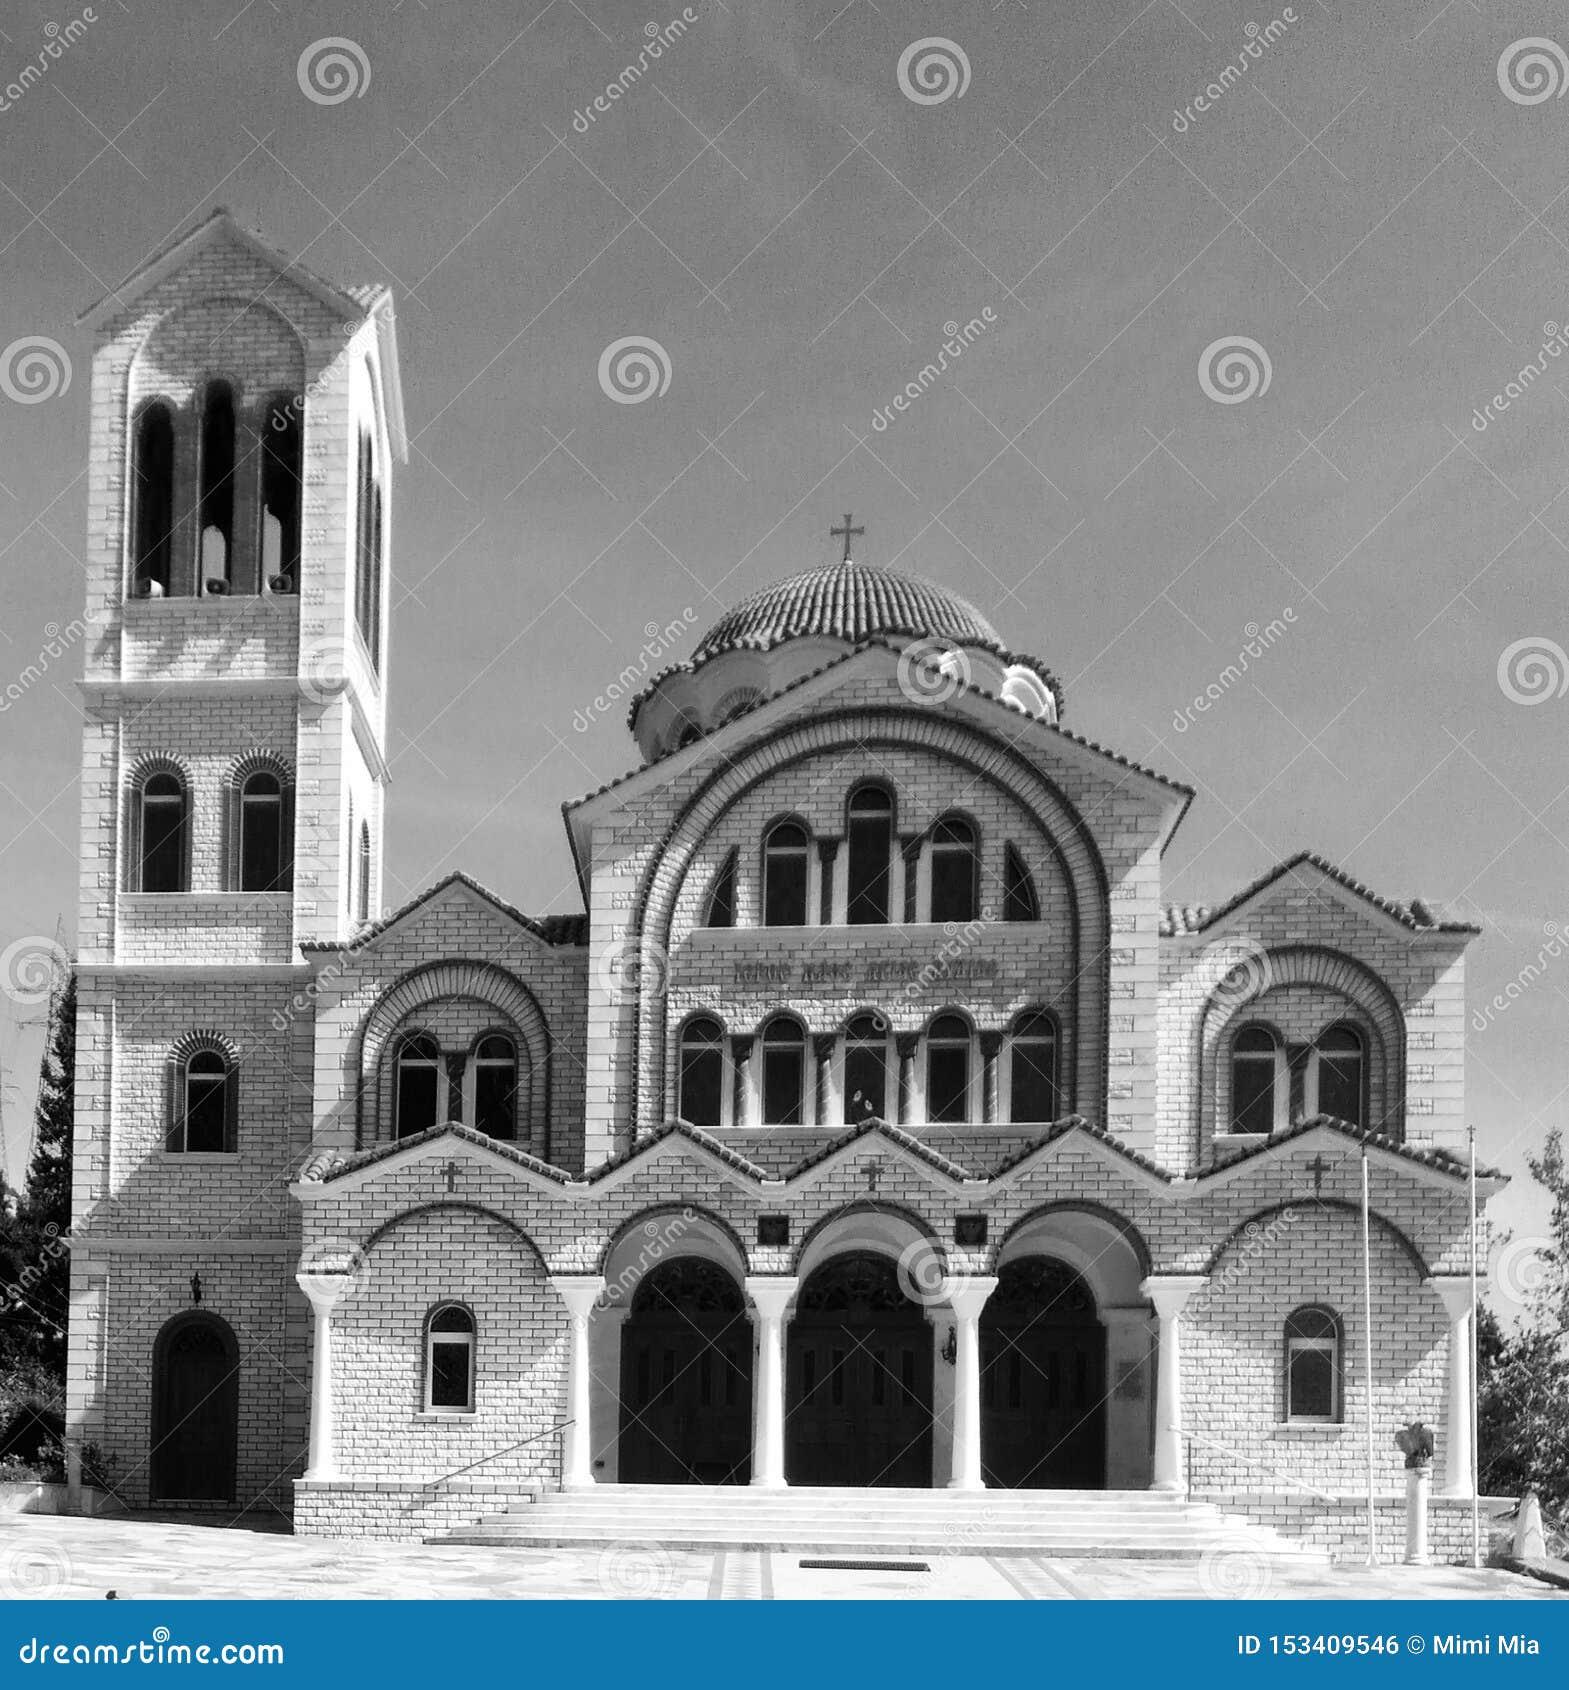 Monestory que constrói a arquitetura velha preta & branca